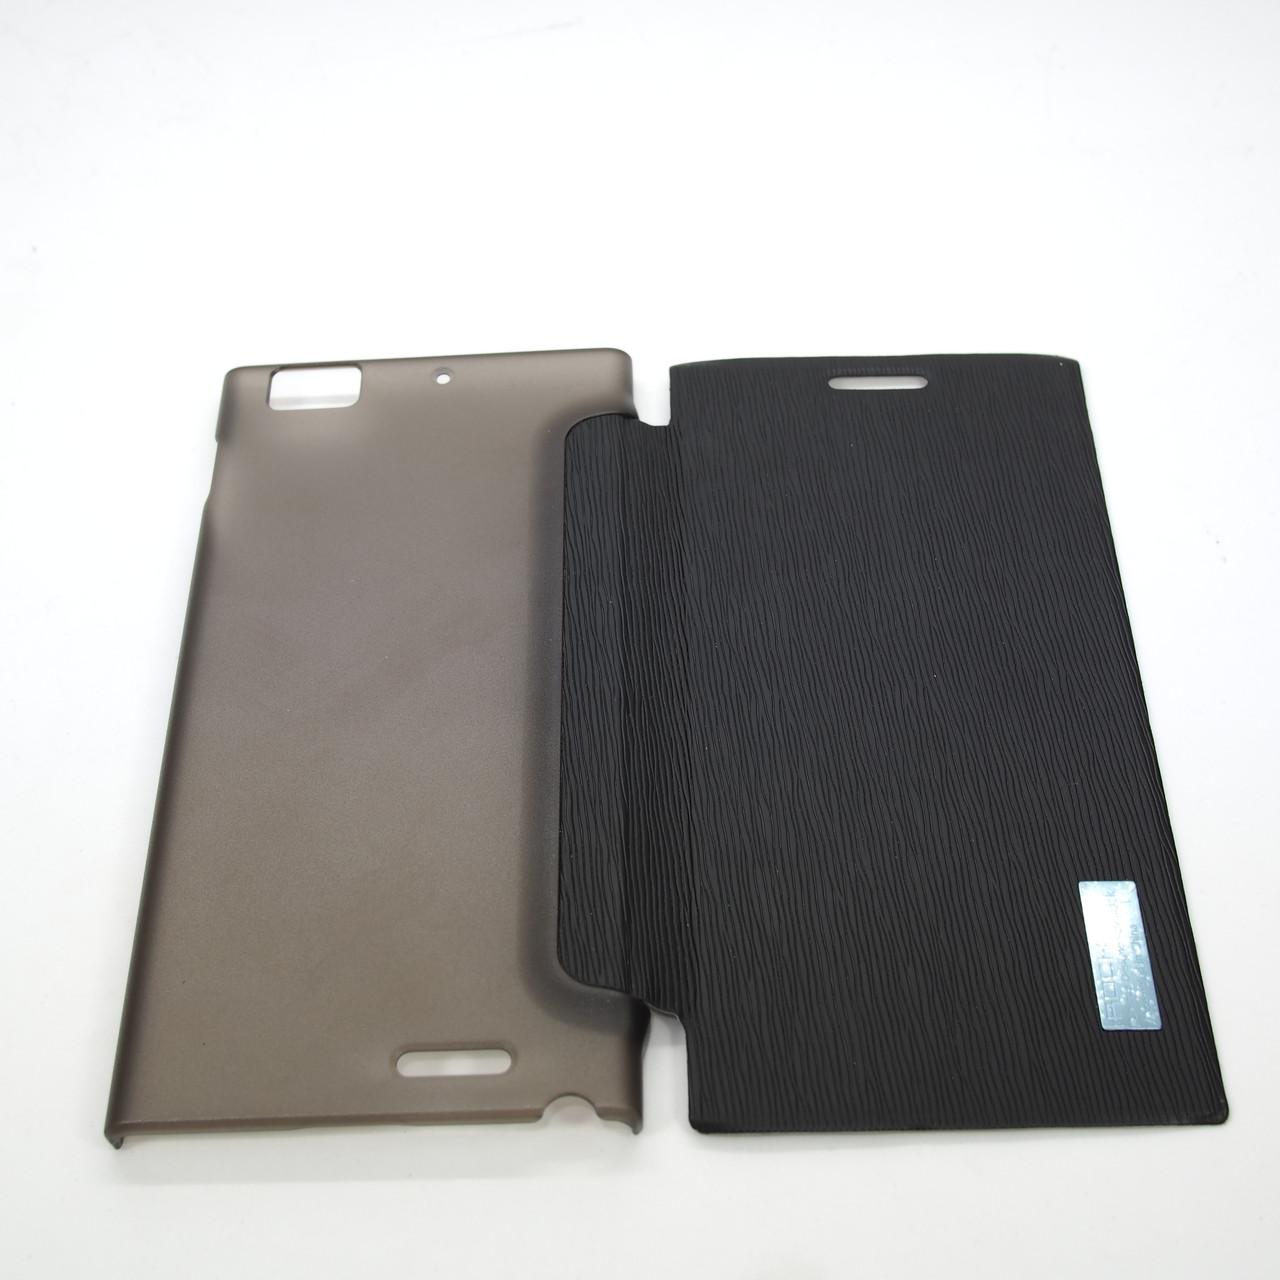 ROCK Elegant Lenovo K900 black